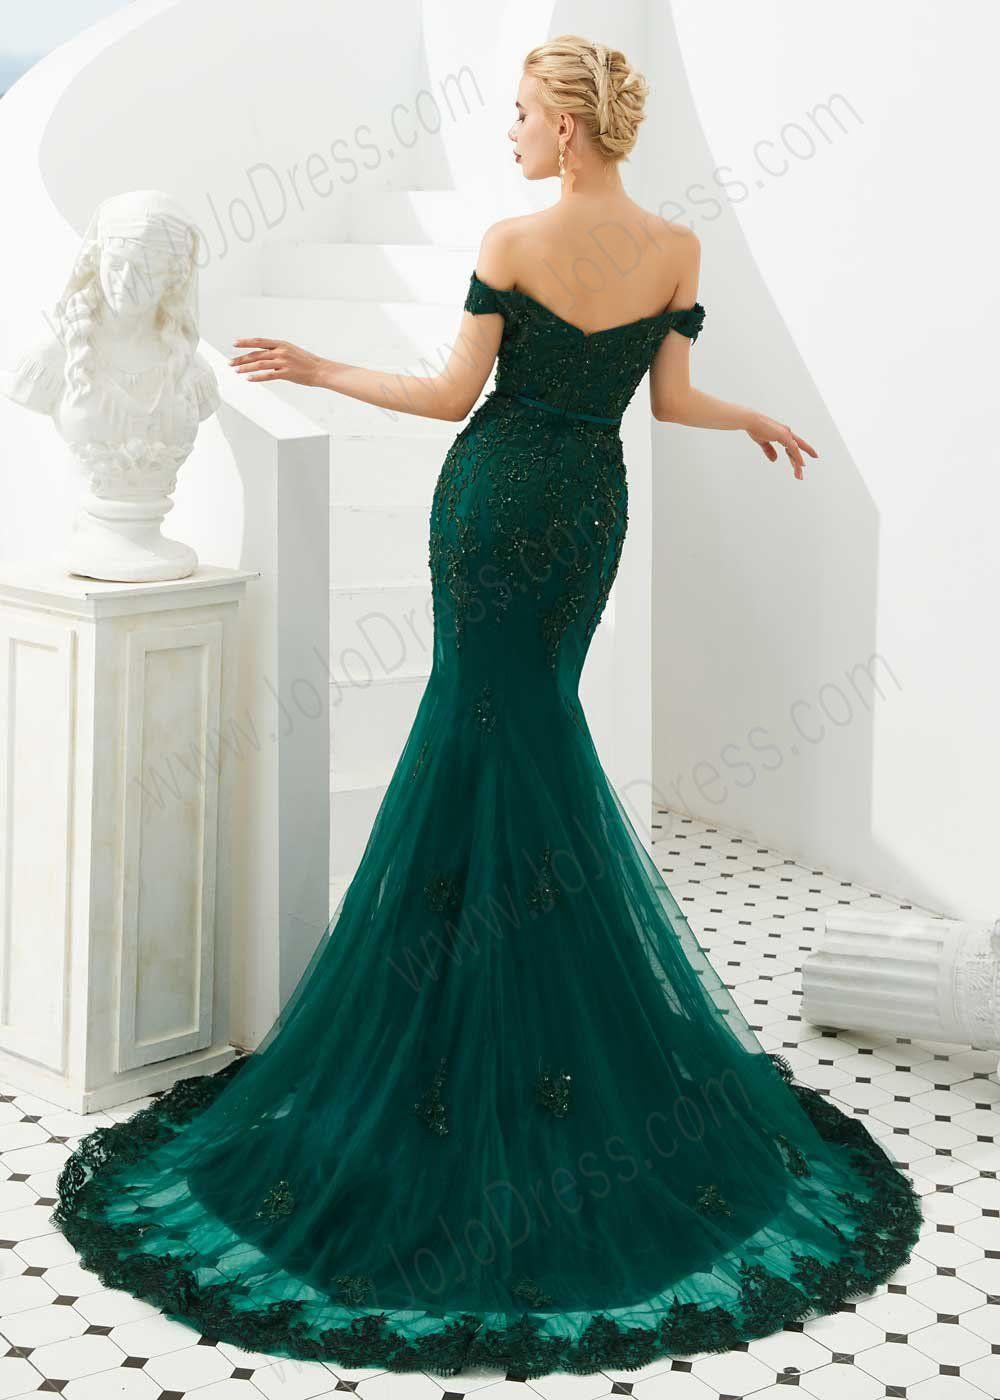 Emerald Green Mermaid Lace Prom Formal Dress Green Prom Dress Emerald Green Prom Dress Mermaid Prom Dresses [ 1400 x 1000 Pixel ]